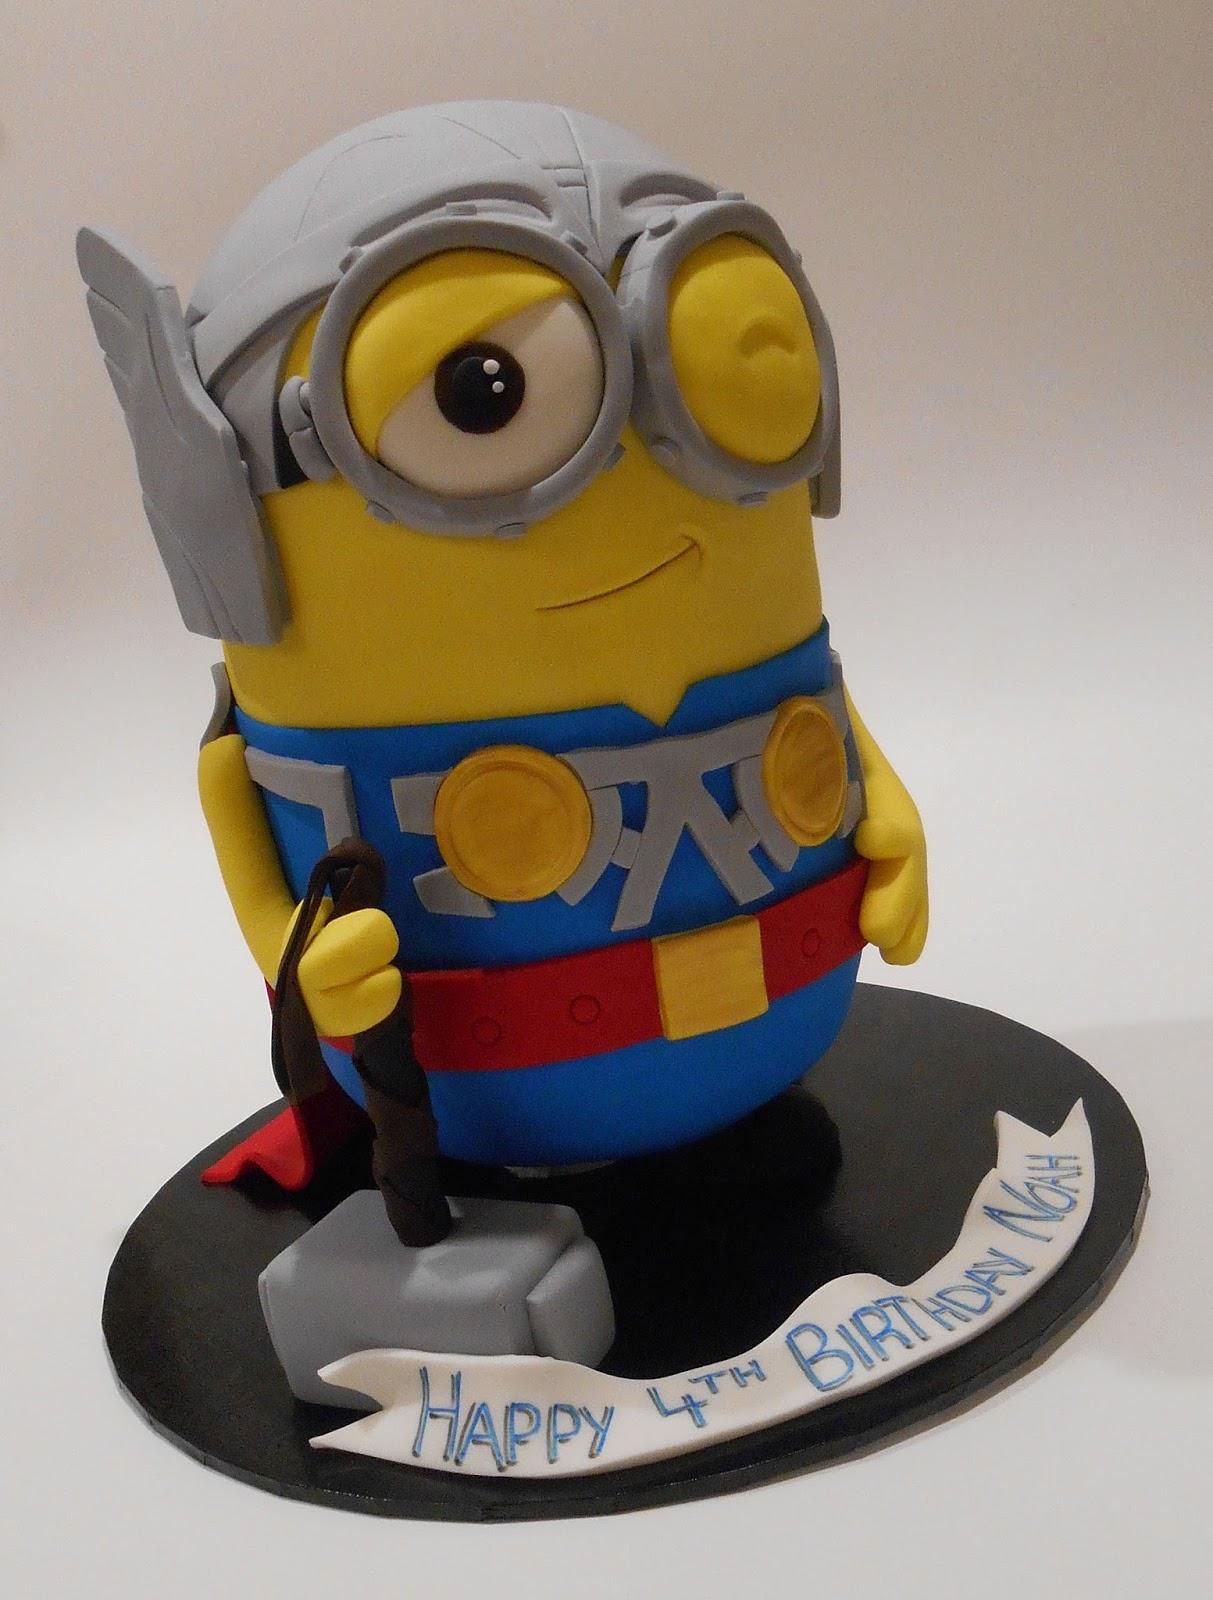 Nadas Cakes Minion Thor Birthday Cake By Nadas Cakes Canberra